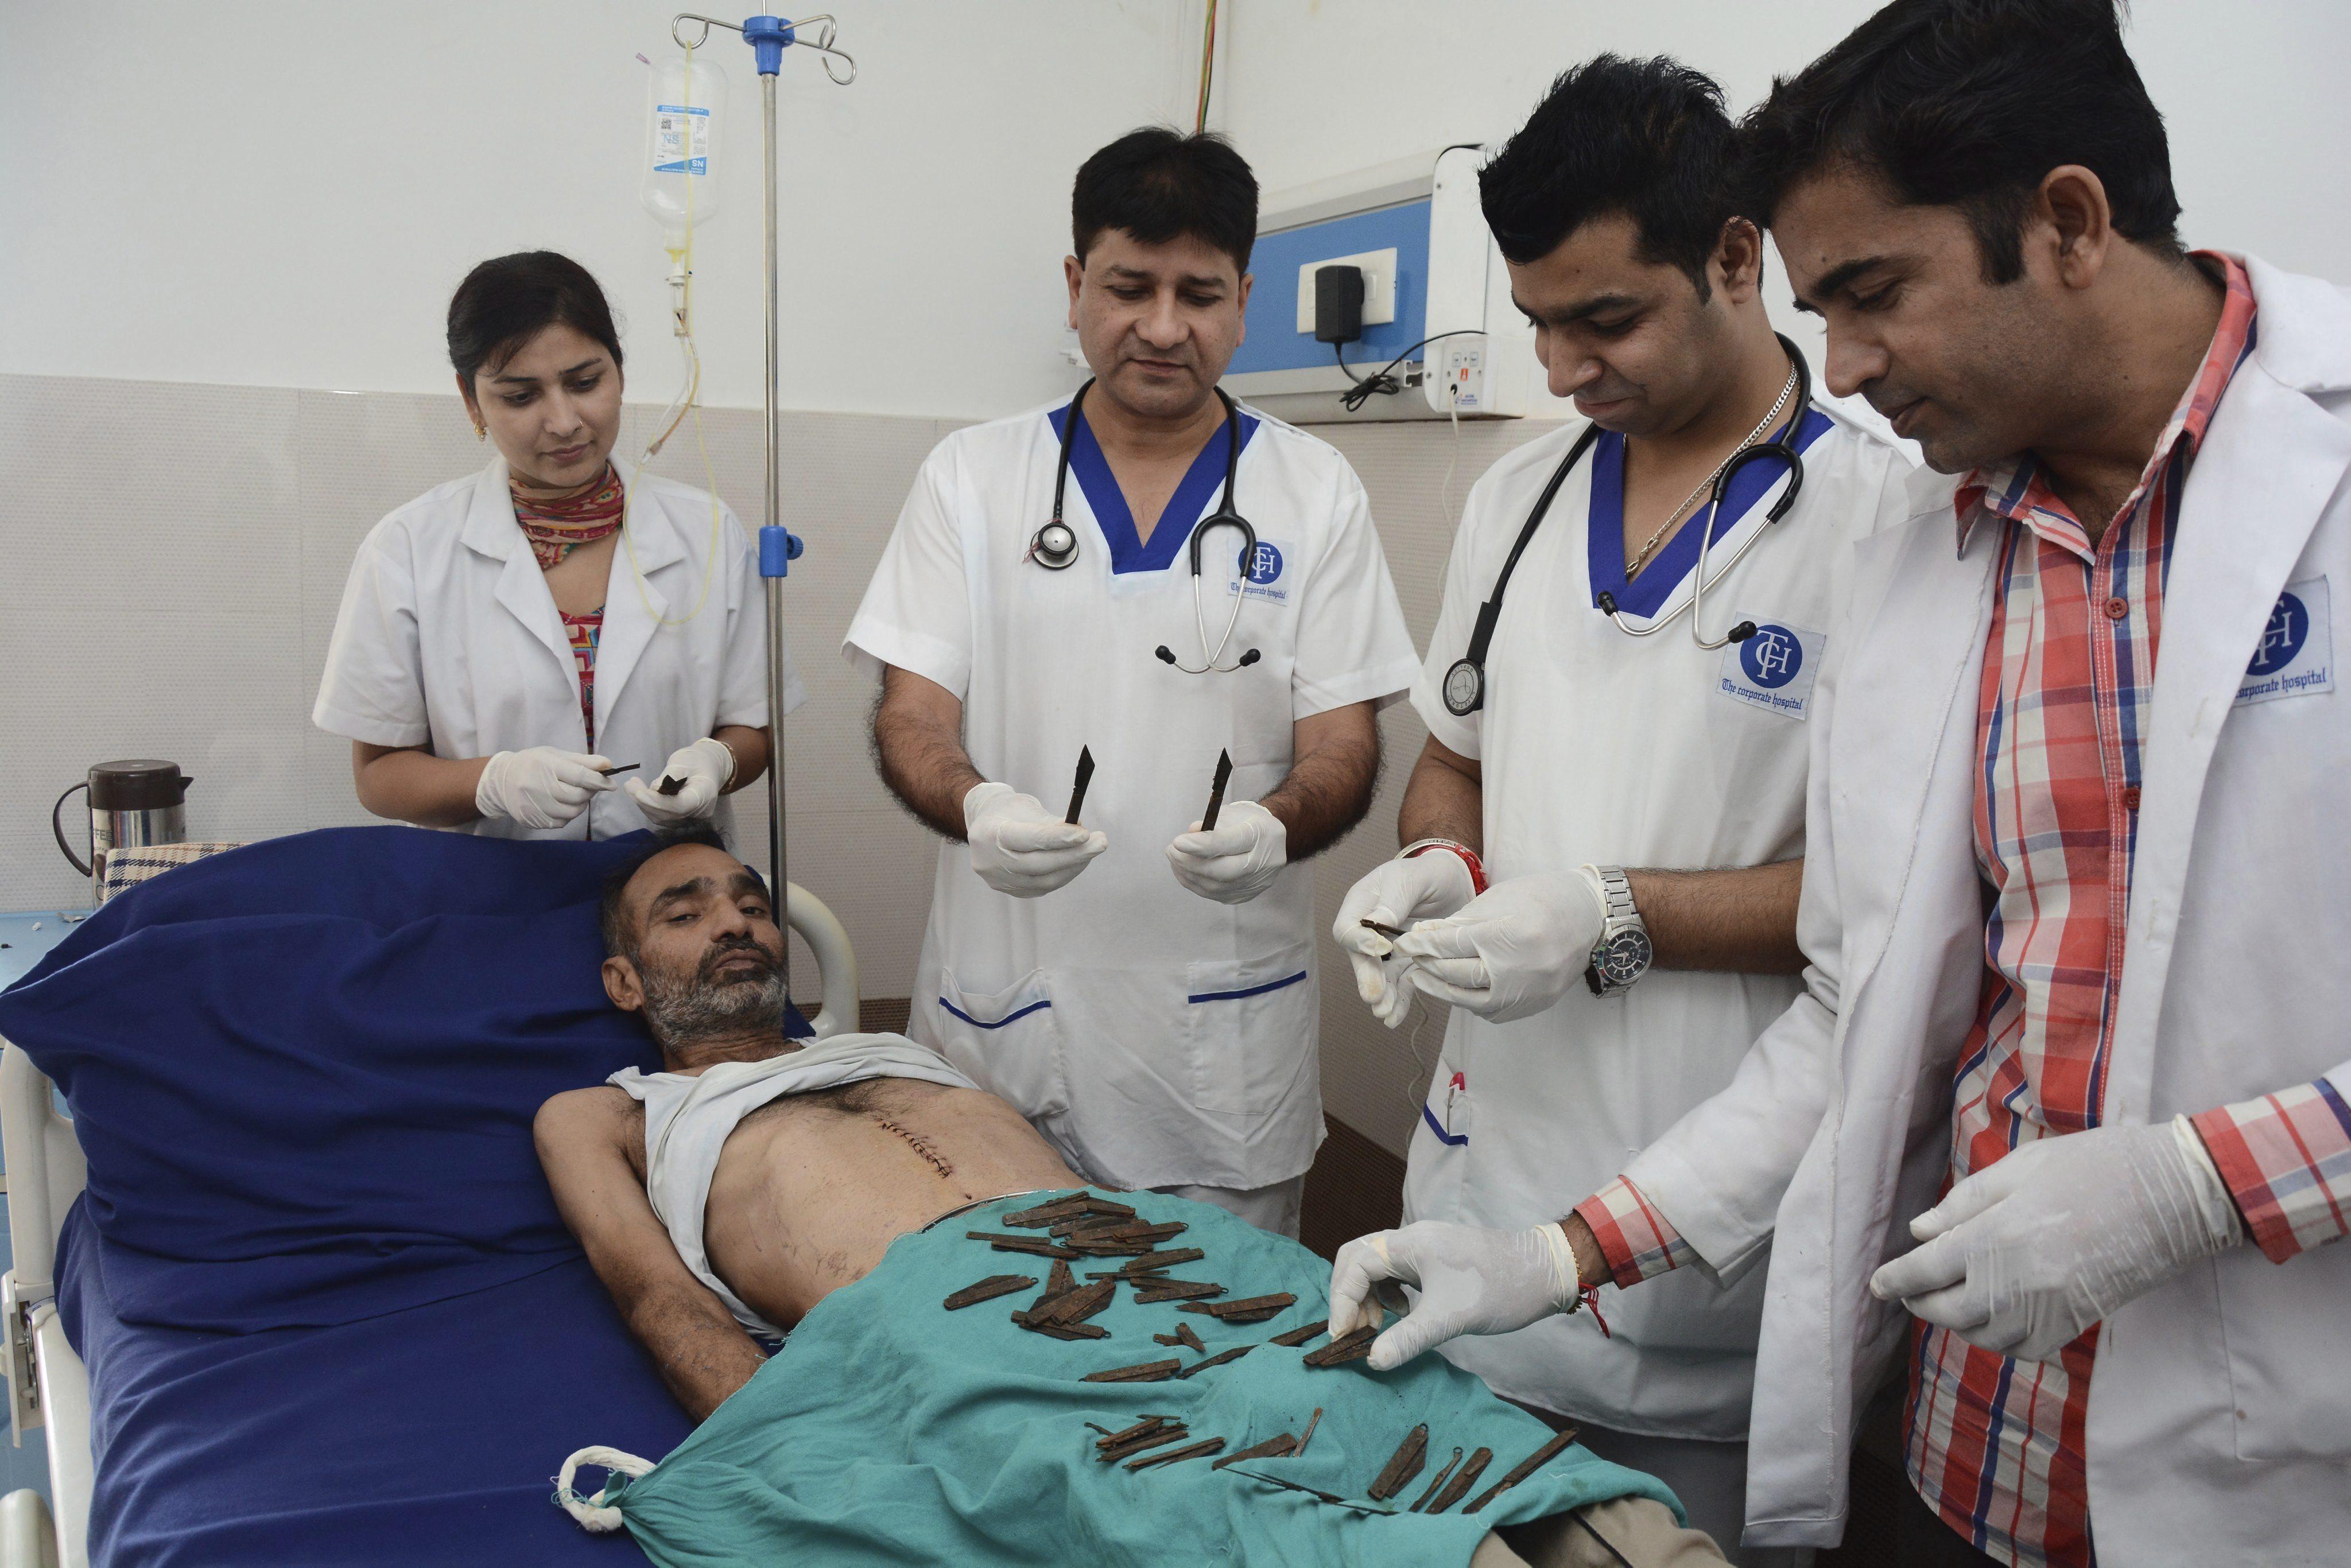 IN01 AMRITSAR (INDIA) 23/08/2016.- El Dr. Jatinder Malhorta (3i) y miembros de su equipo muestran los 40 navajas recuperadas del estómago de su paciente Surjeet Singh (tumbado en la cama) tras ser operado en el hospital Corporate en Amritsar (India) hoy, 23 de agosto de 2016. Surjeet Singh sufre de un trastorno psiquiátrico por el que ha ingerido 40 navajas en los últimos dos meses. EFE/Raminder Pal Singh